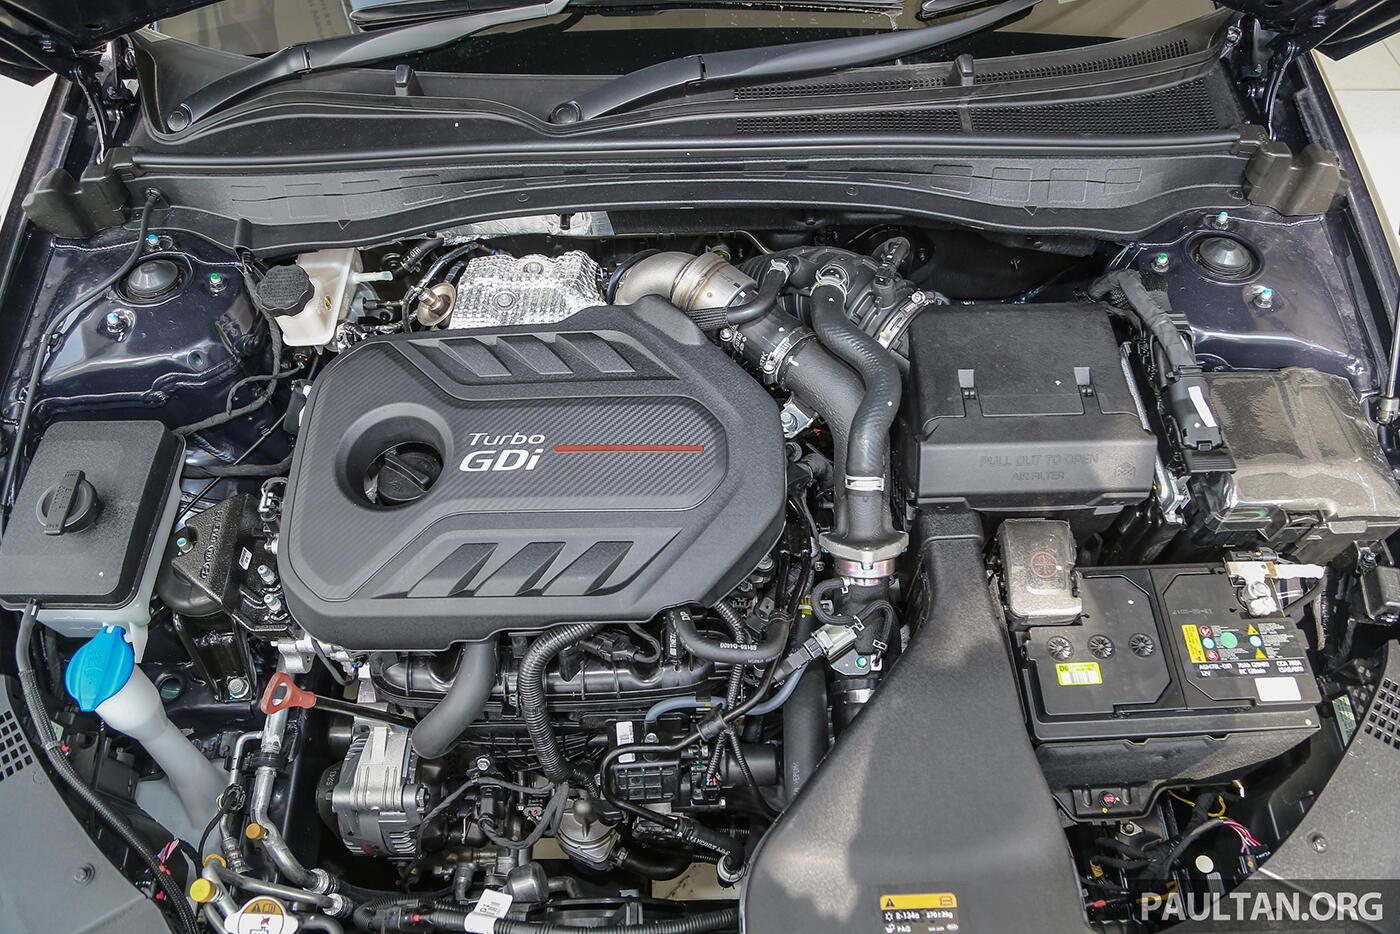 Xem thêm ảnh Kia Optima GT 2017 - Hình 16